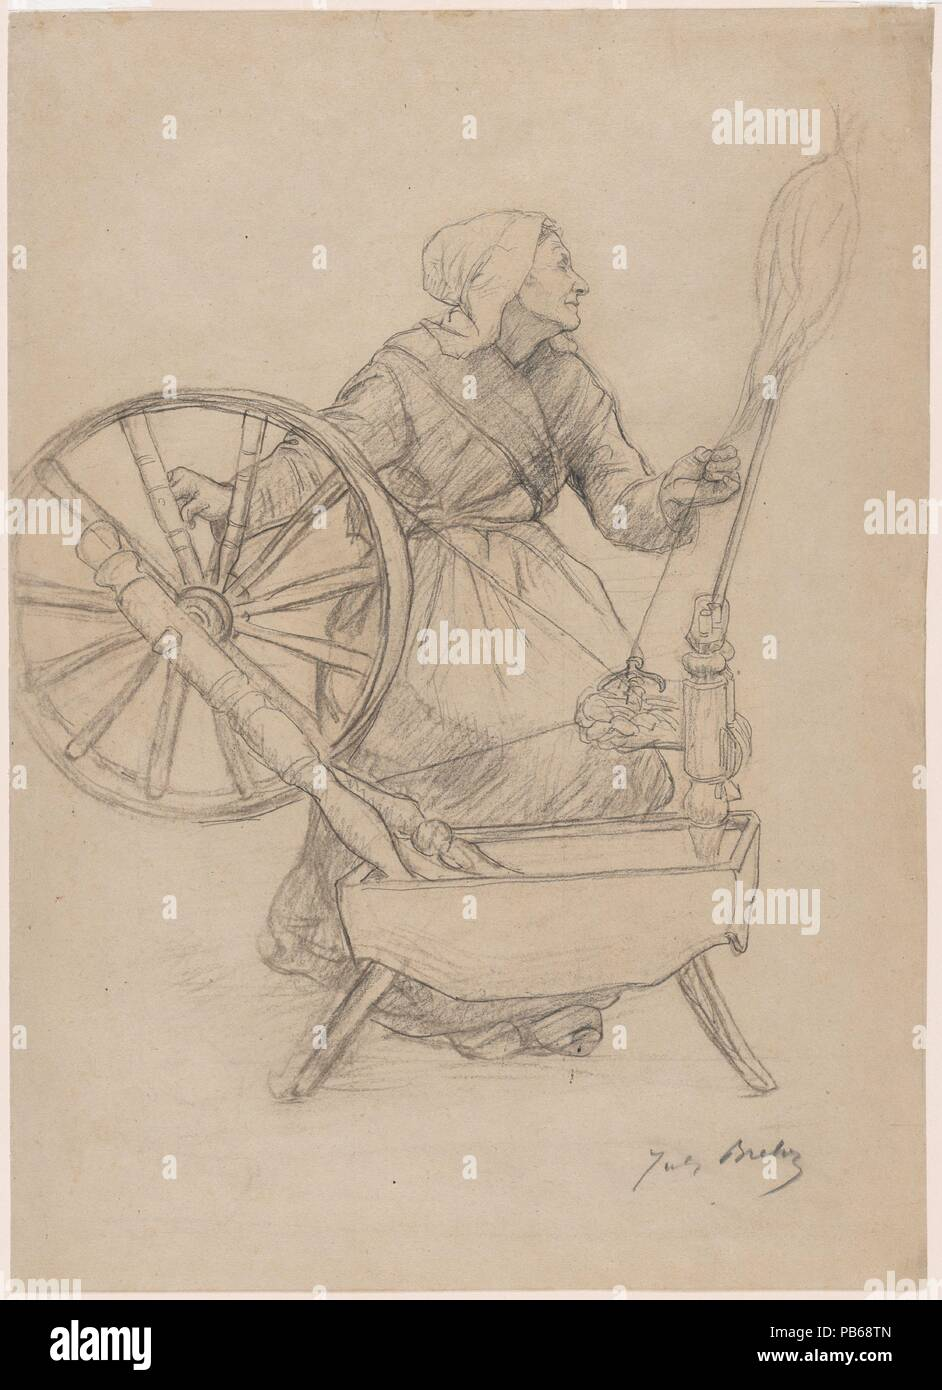 Alla Francese Posizione donna alla ruota di filatura. artista: jules breton